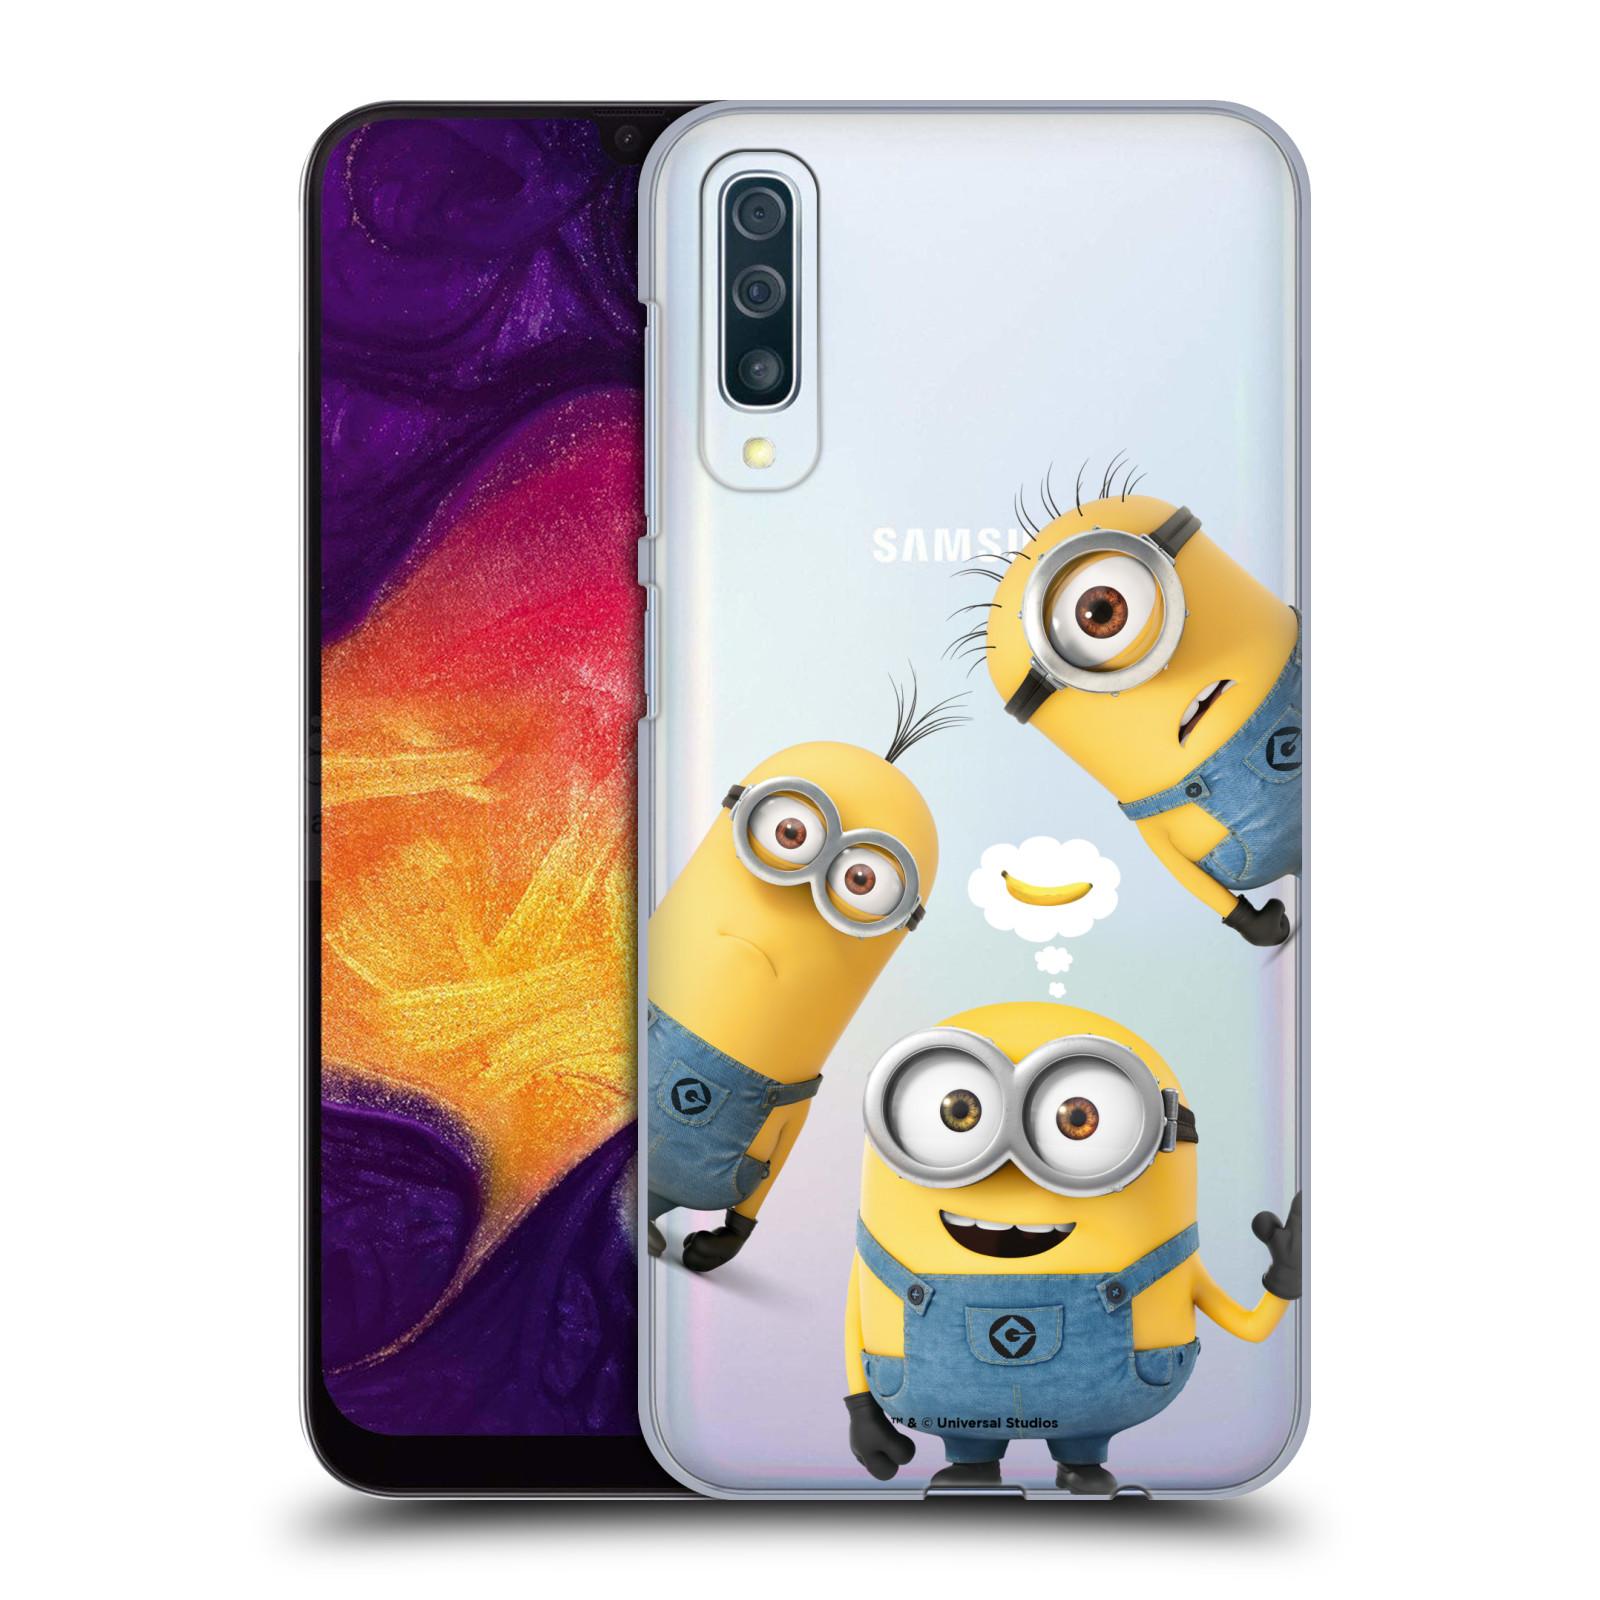 Plastové pouzdro na mobil Samsung Galaxy A50 / A30s - Head Case - Mimoni Banana z filmu Já, padouch - Despicable Me